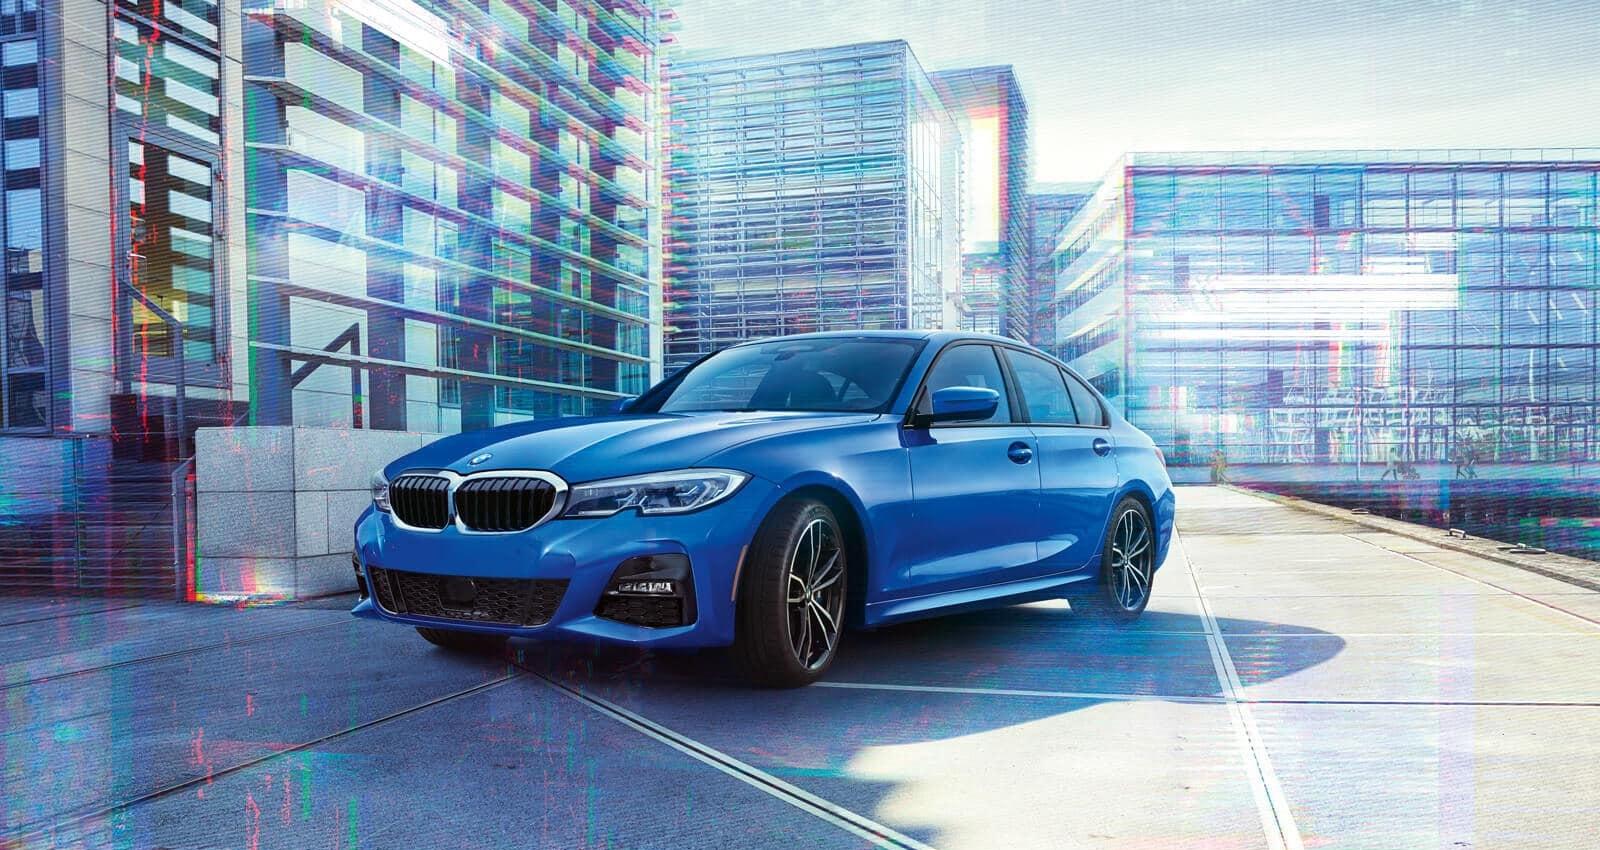 2019 BMW 3 Series vs 2019 Jaguar XE near Valparaiso, IN